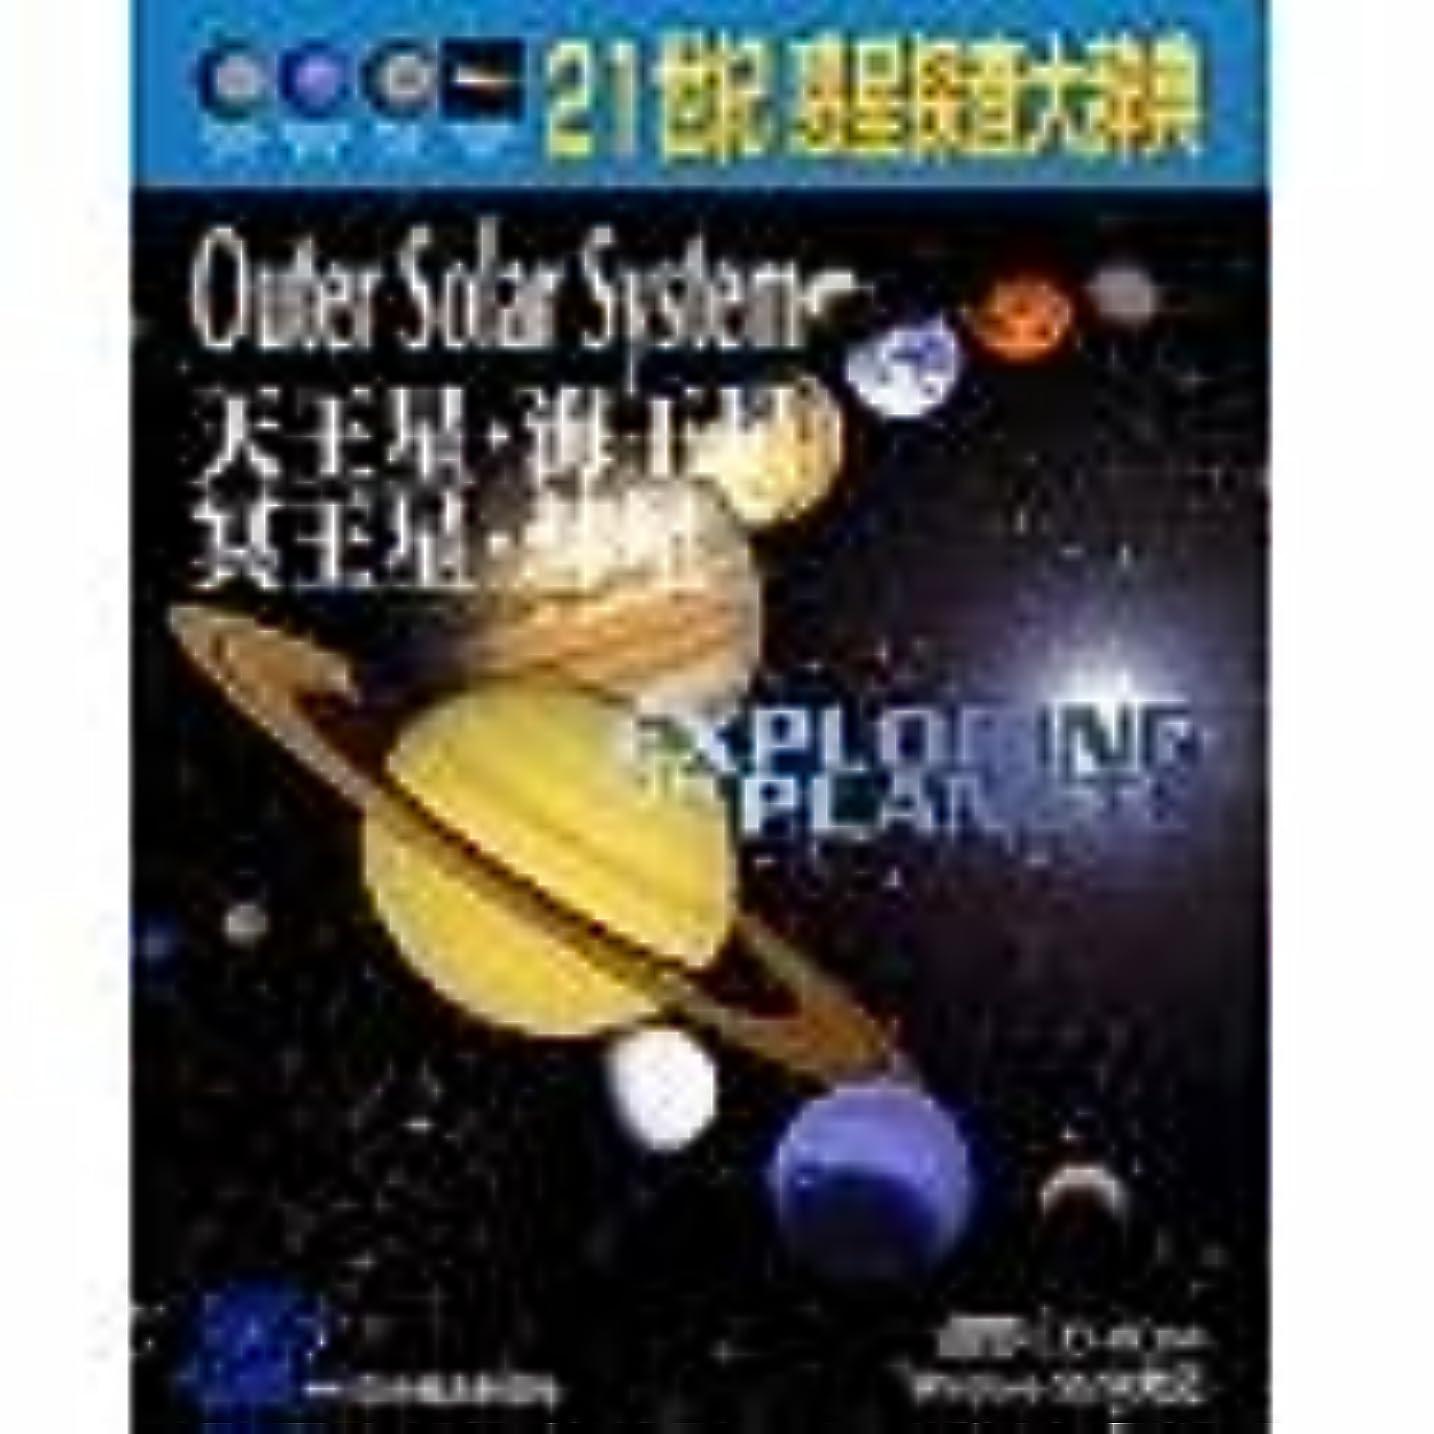 優しいそこチャネル21世紀 惑星探査大辞典 土星